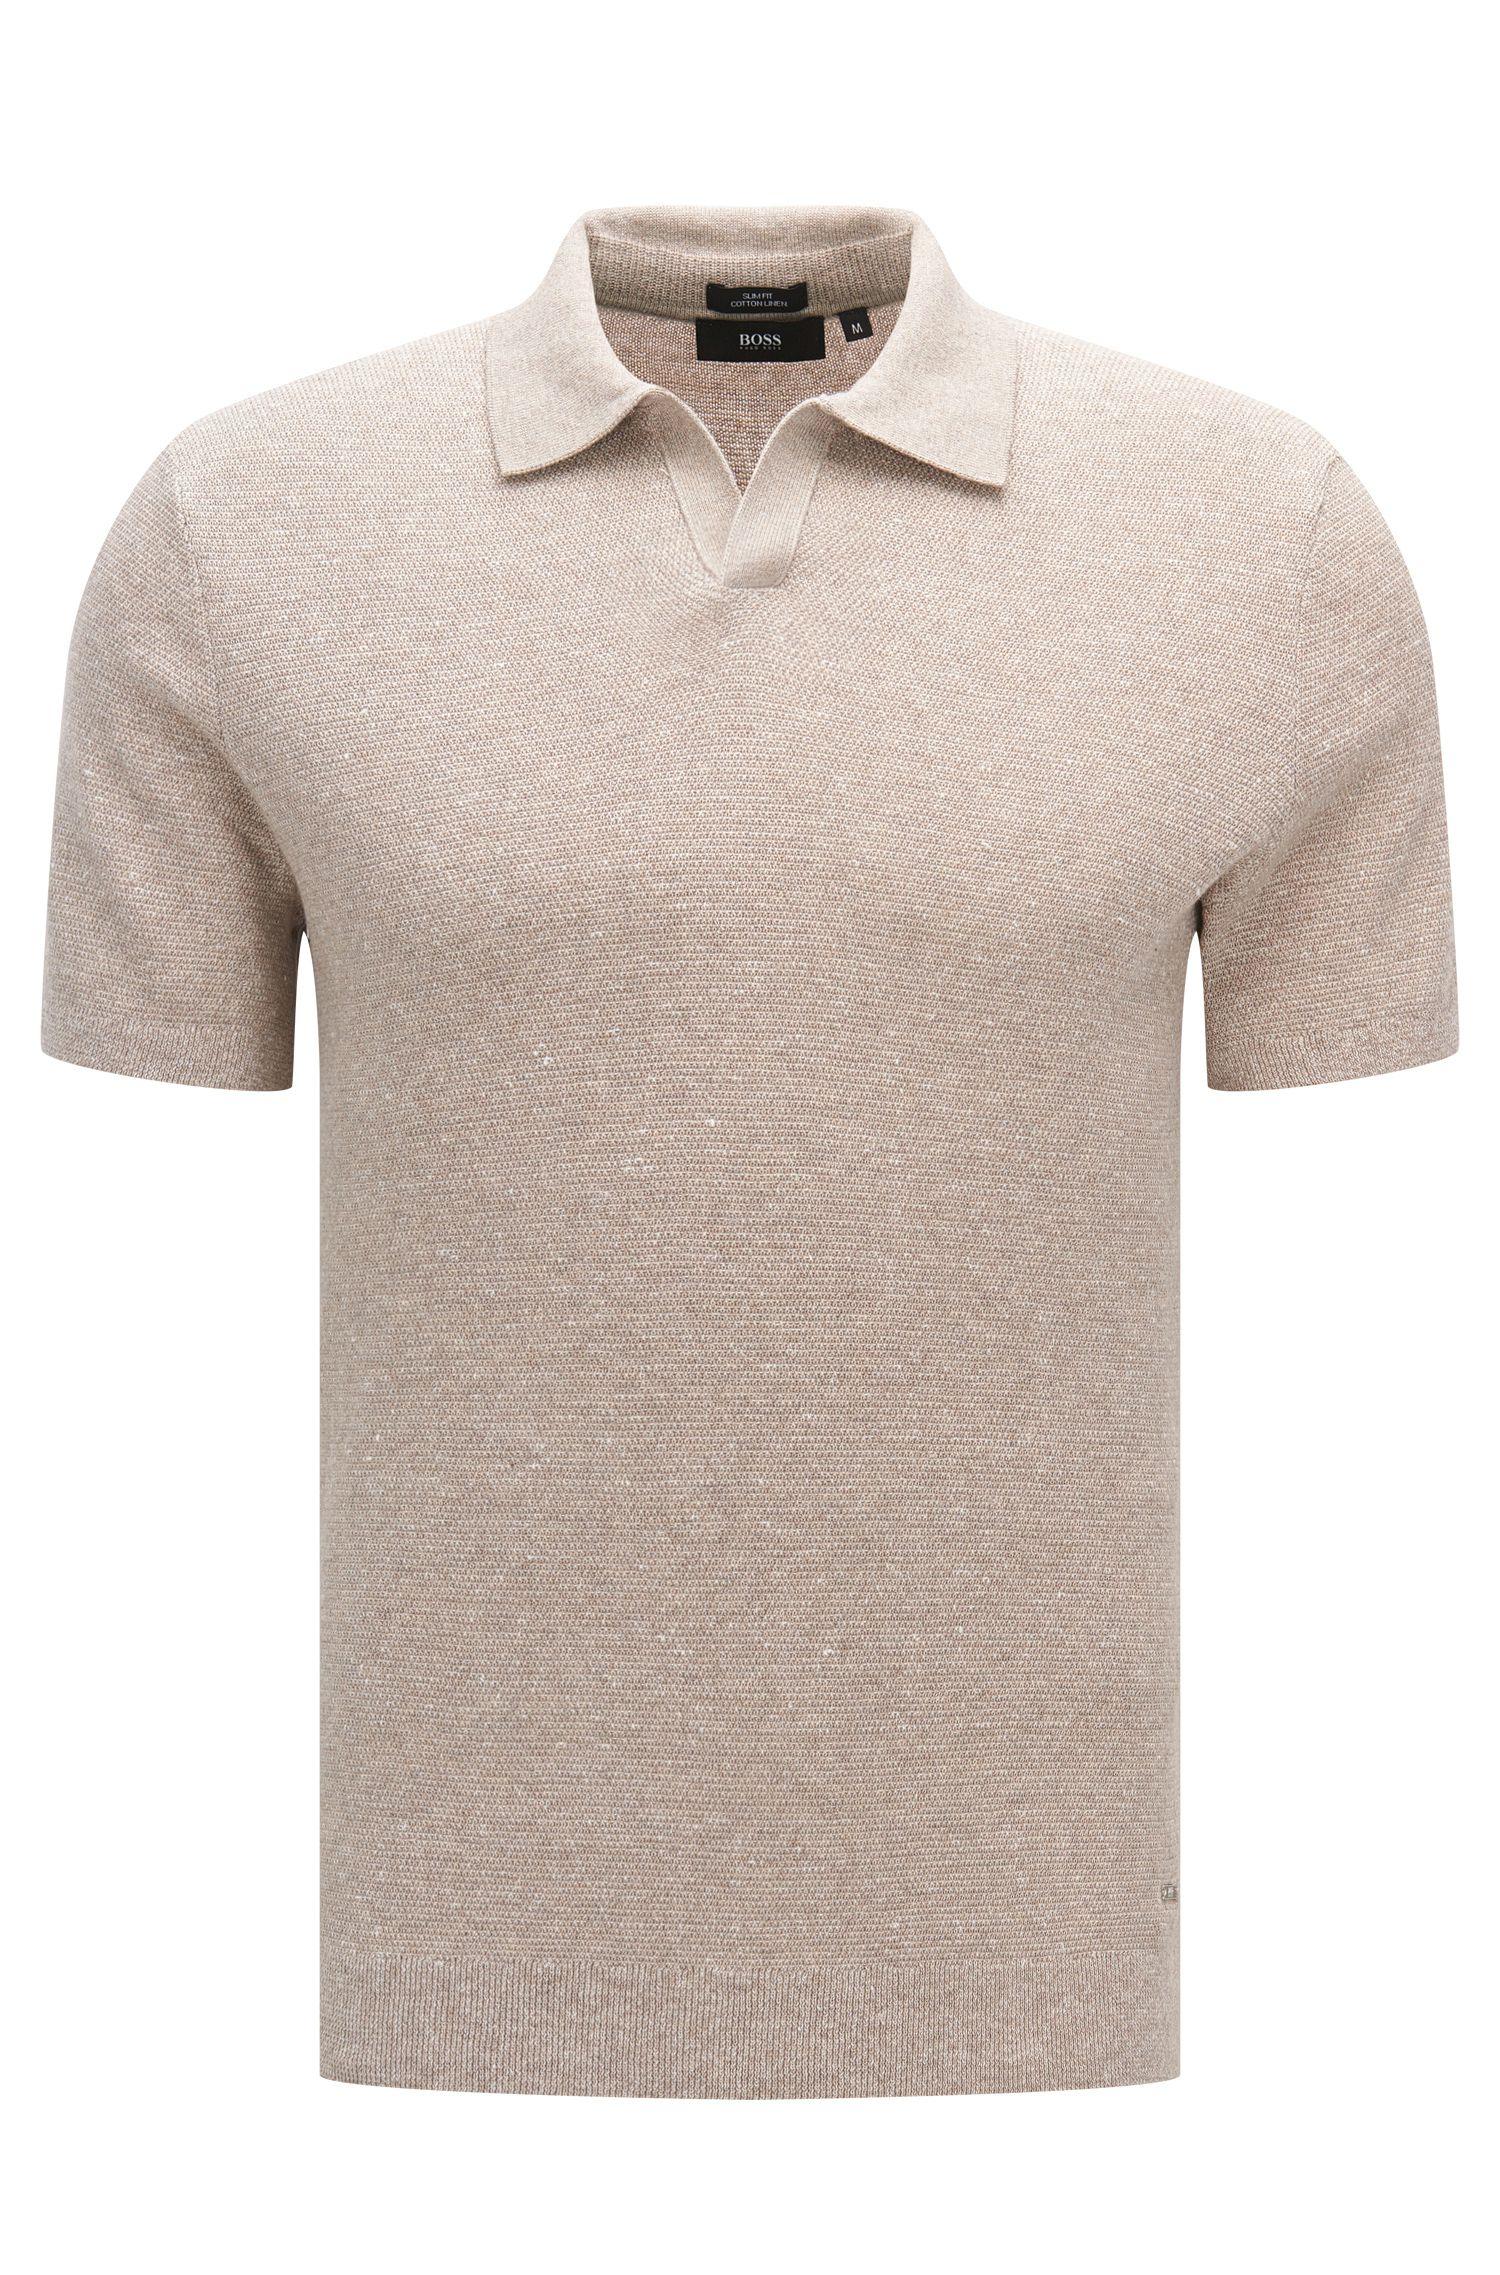 Slim-fit trui met korte mouwen, van een katoenmix met linnen: 'Orenzo'